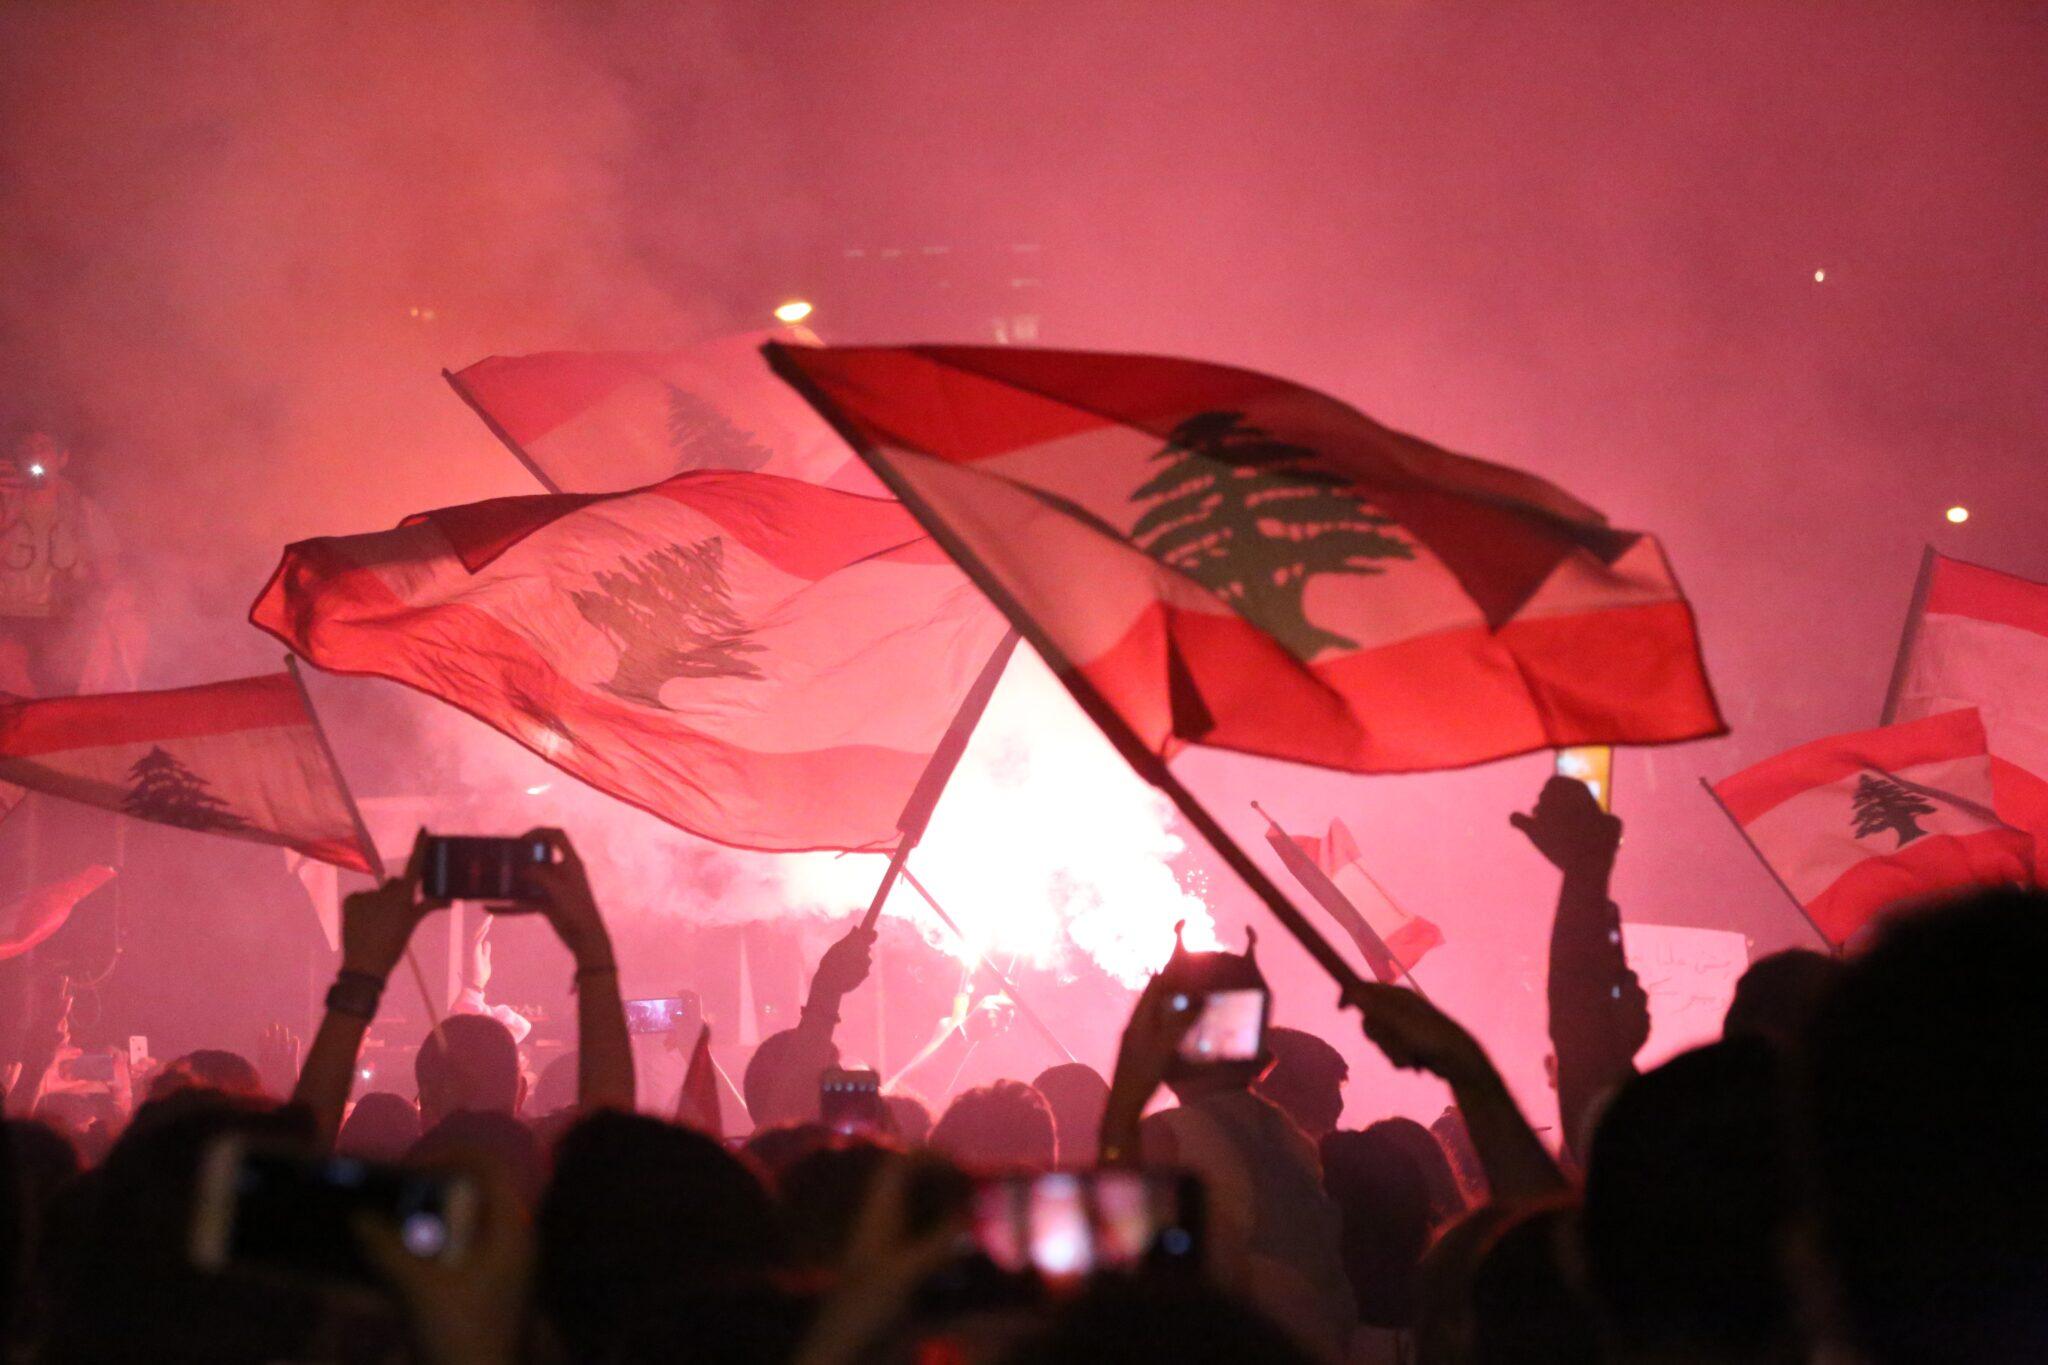 Libano, crisi, blackout, politica, economia, energia, Beirut, Tripoli, centrali, combustibili, The World Bank, PIL, inflazione, beni e servizi, ospedali, povertà, elettricità, Close-up Engineering.